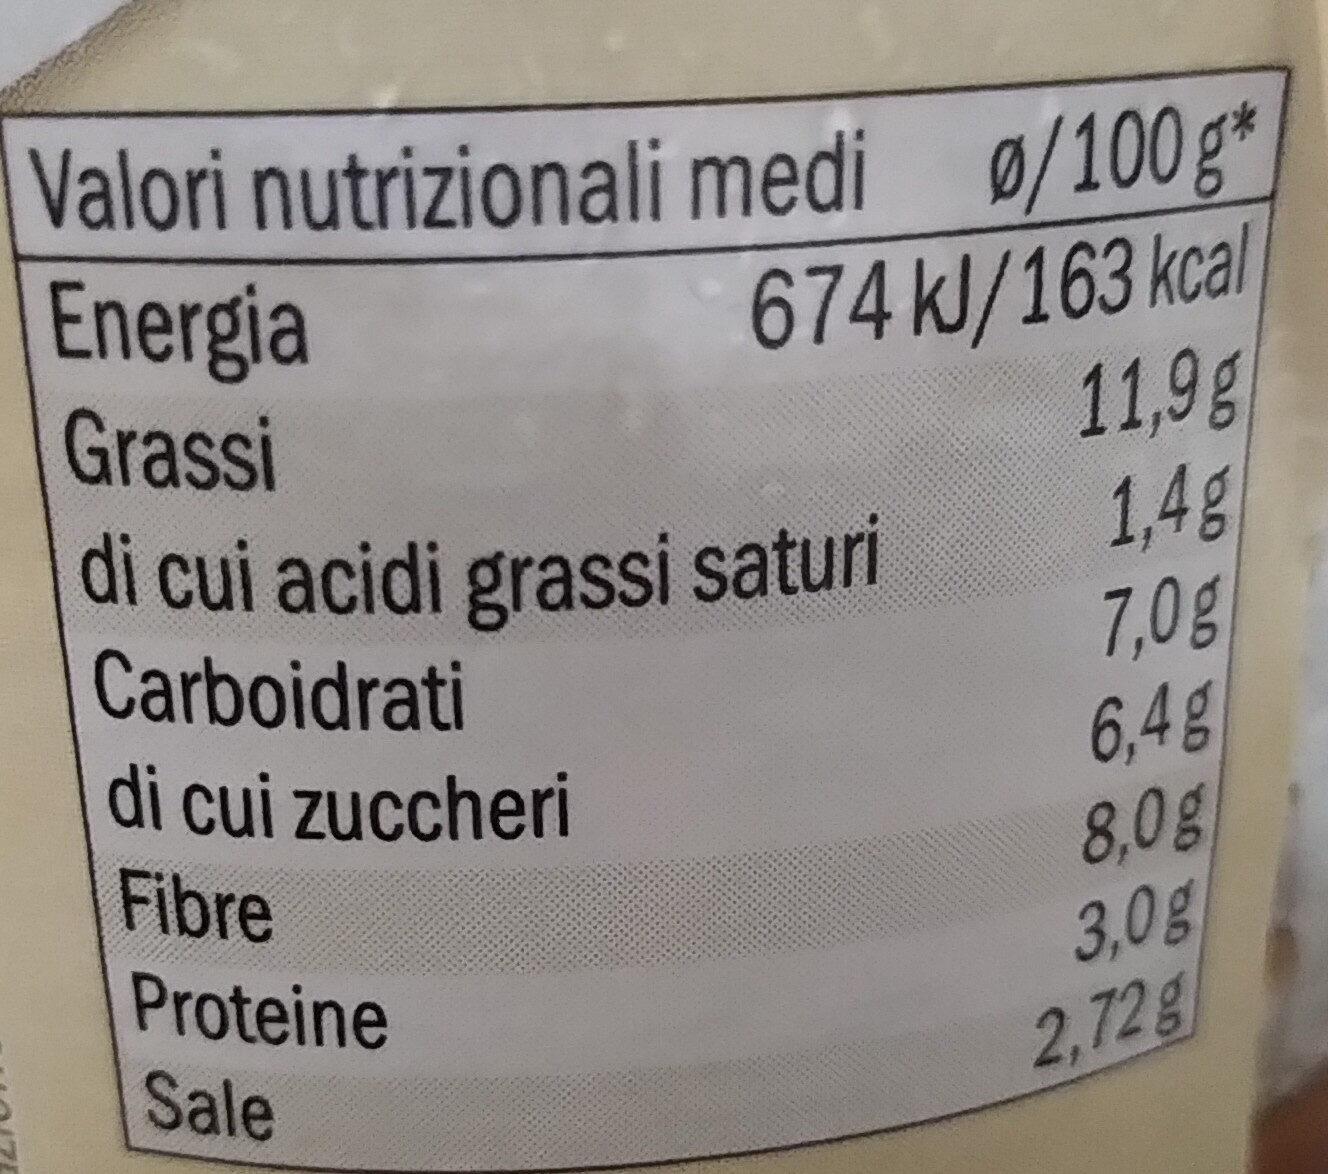 Pomodori secchi sott'olio - Nutrition facts